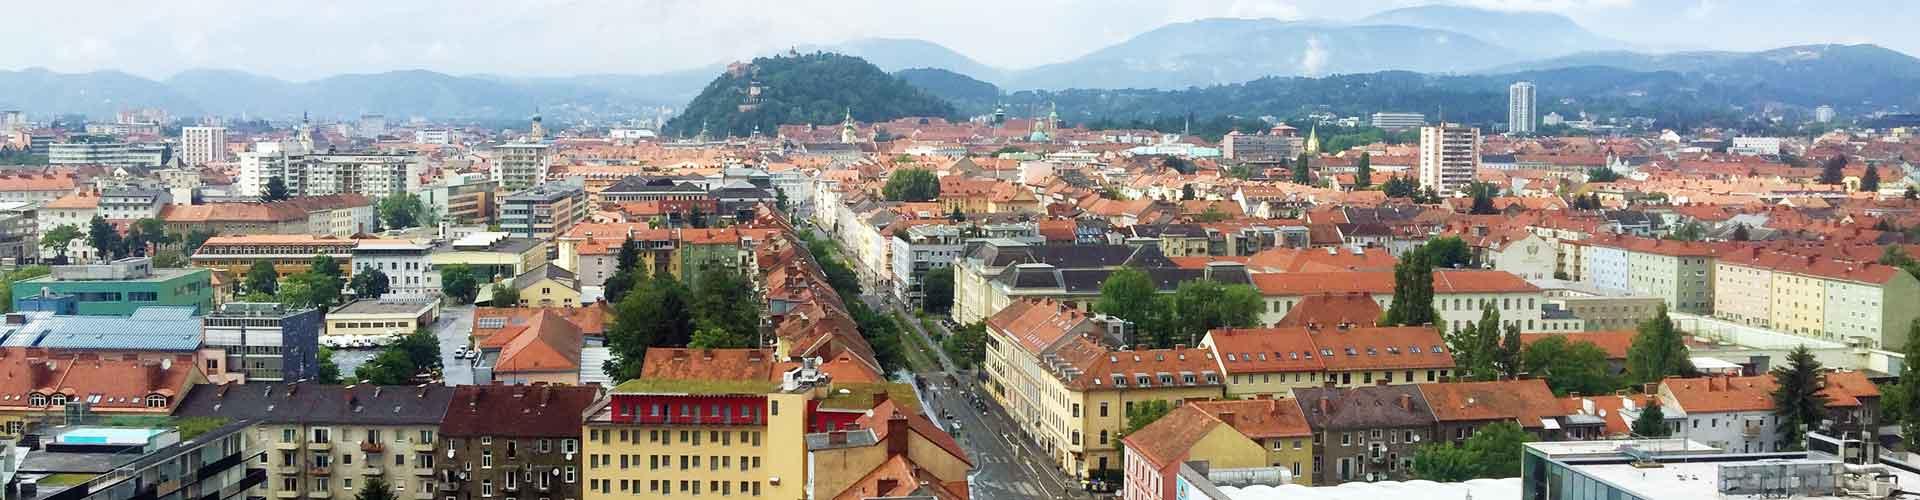 Graz Überblick Stadt